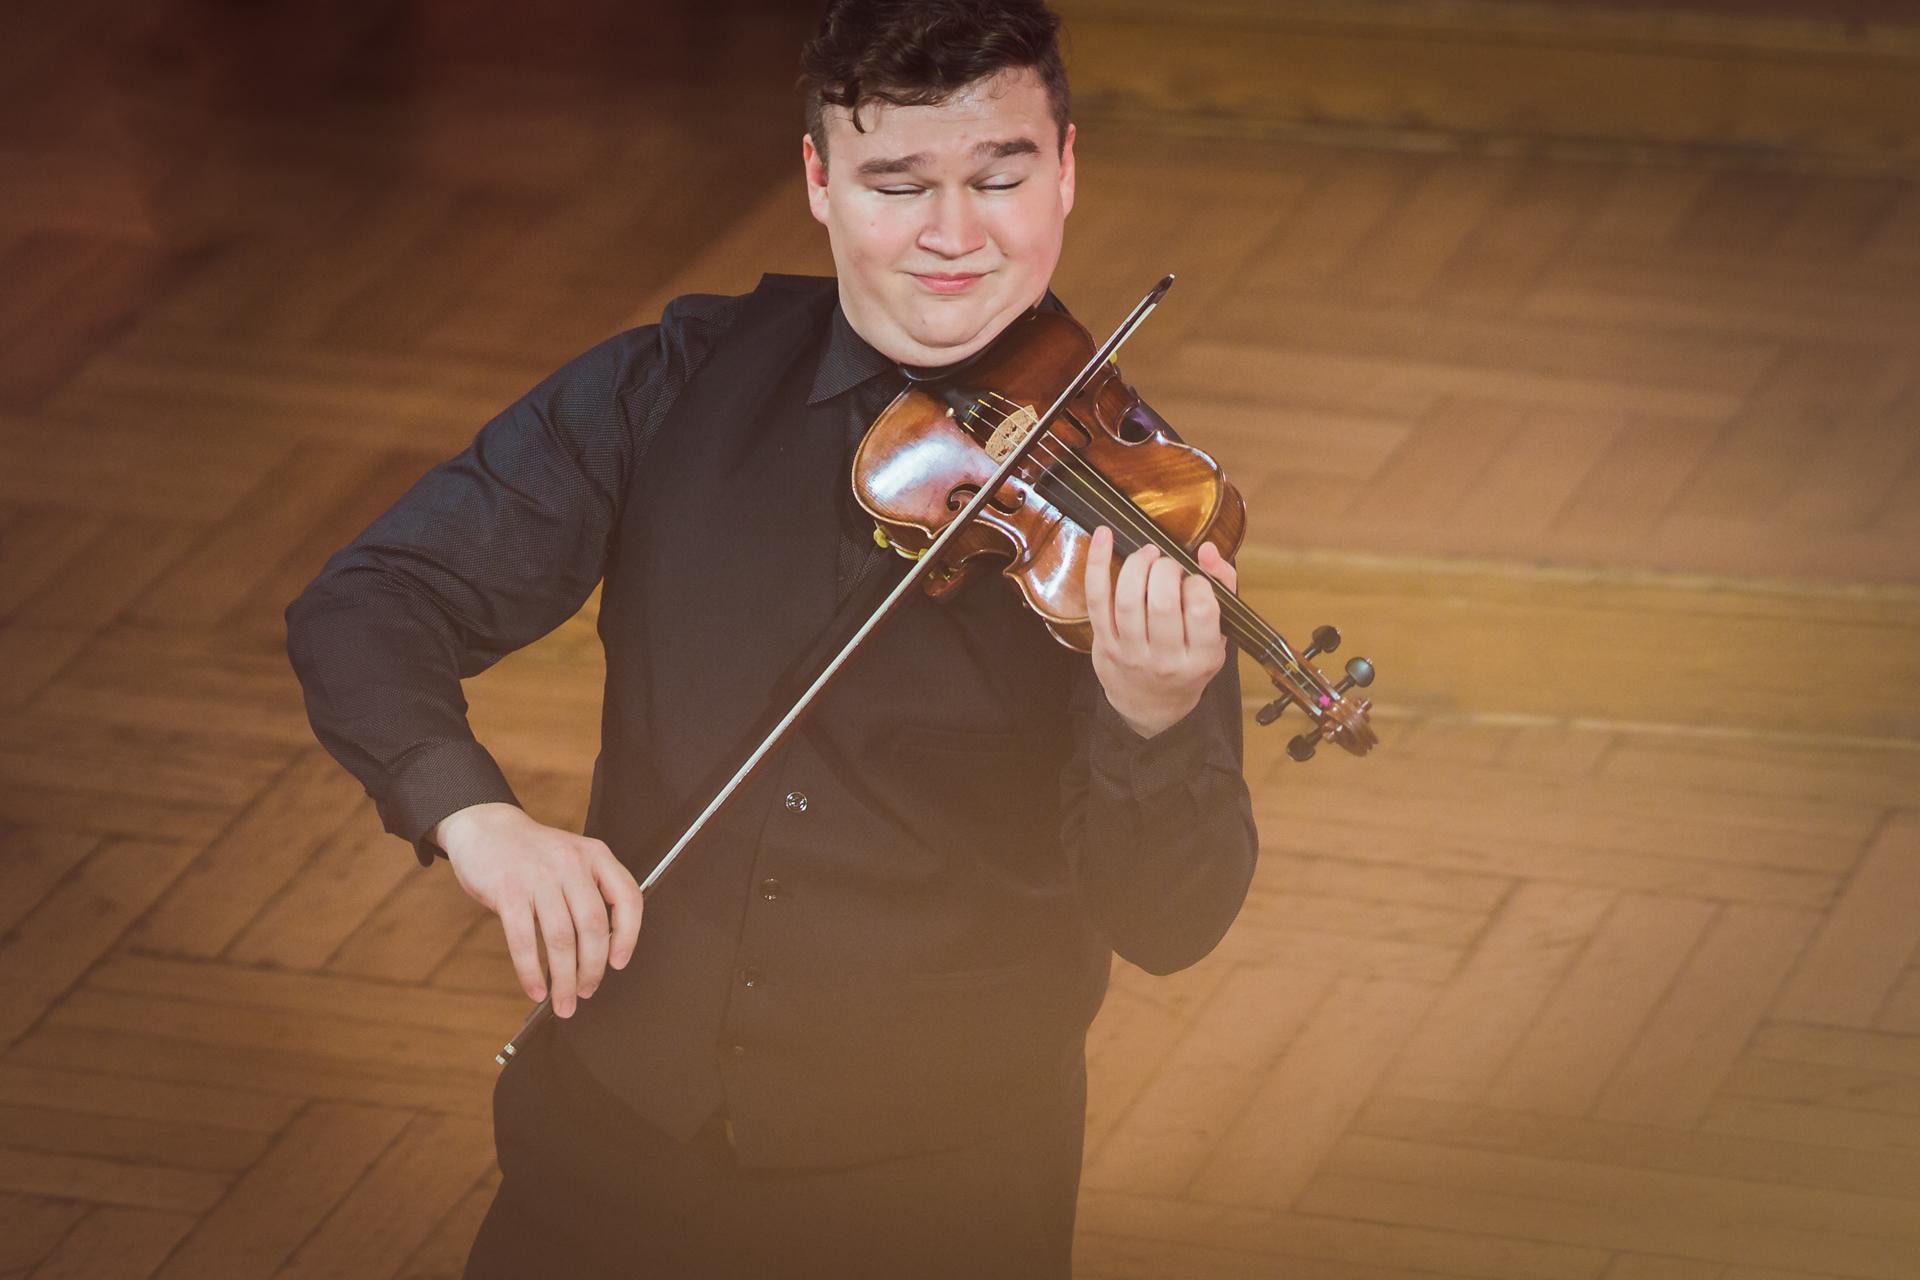 Vasyl Zatsikha (Ukraina) - Etap 1 - 15. Międzynarodowy Konkurs Skrzypcowy im. H. Wieniawskiego STEREO